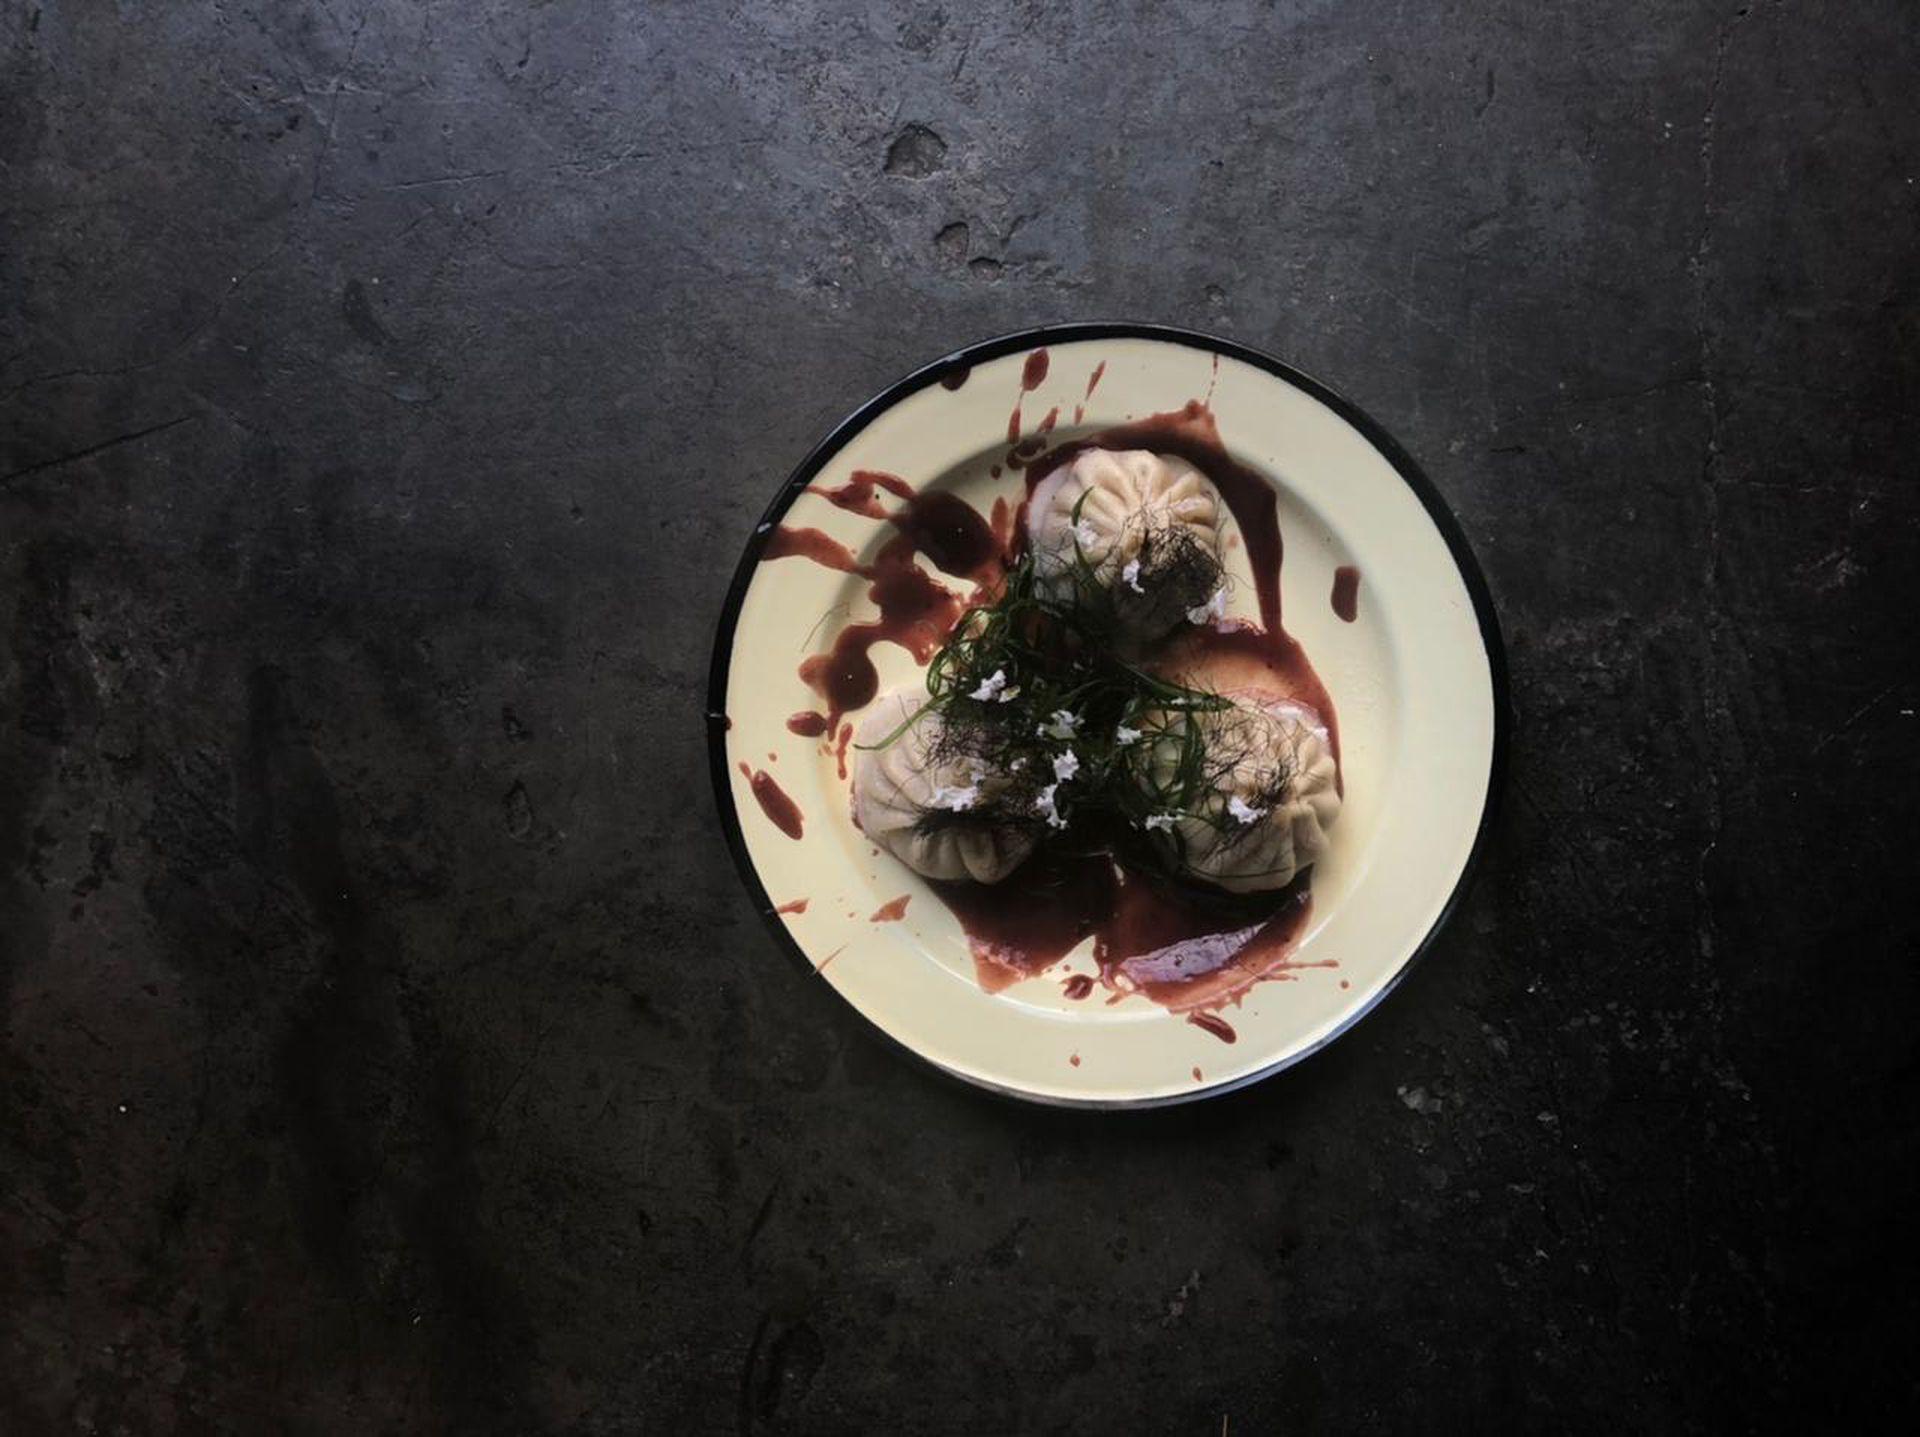 Lardo & Rosemary propone platos callejeros con un tratamiento gourmet.